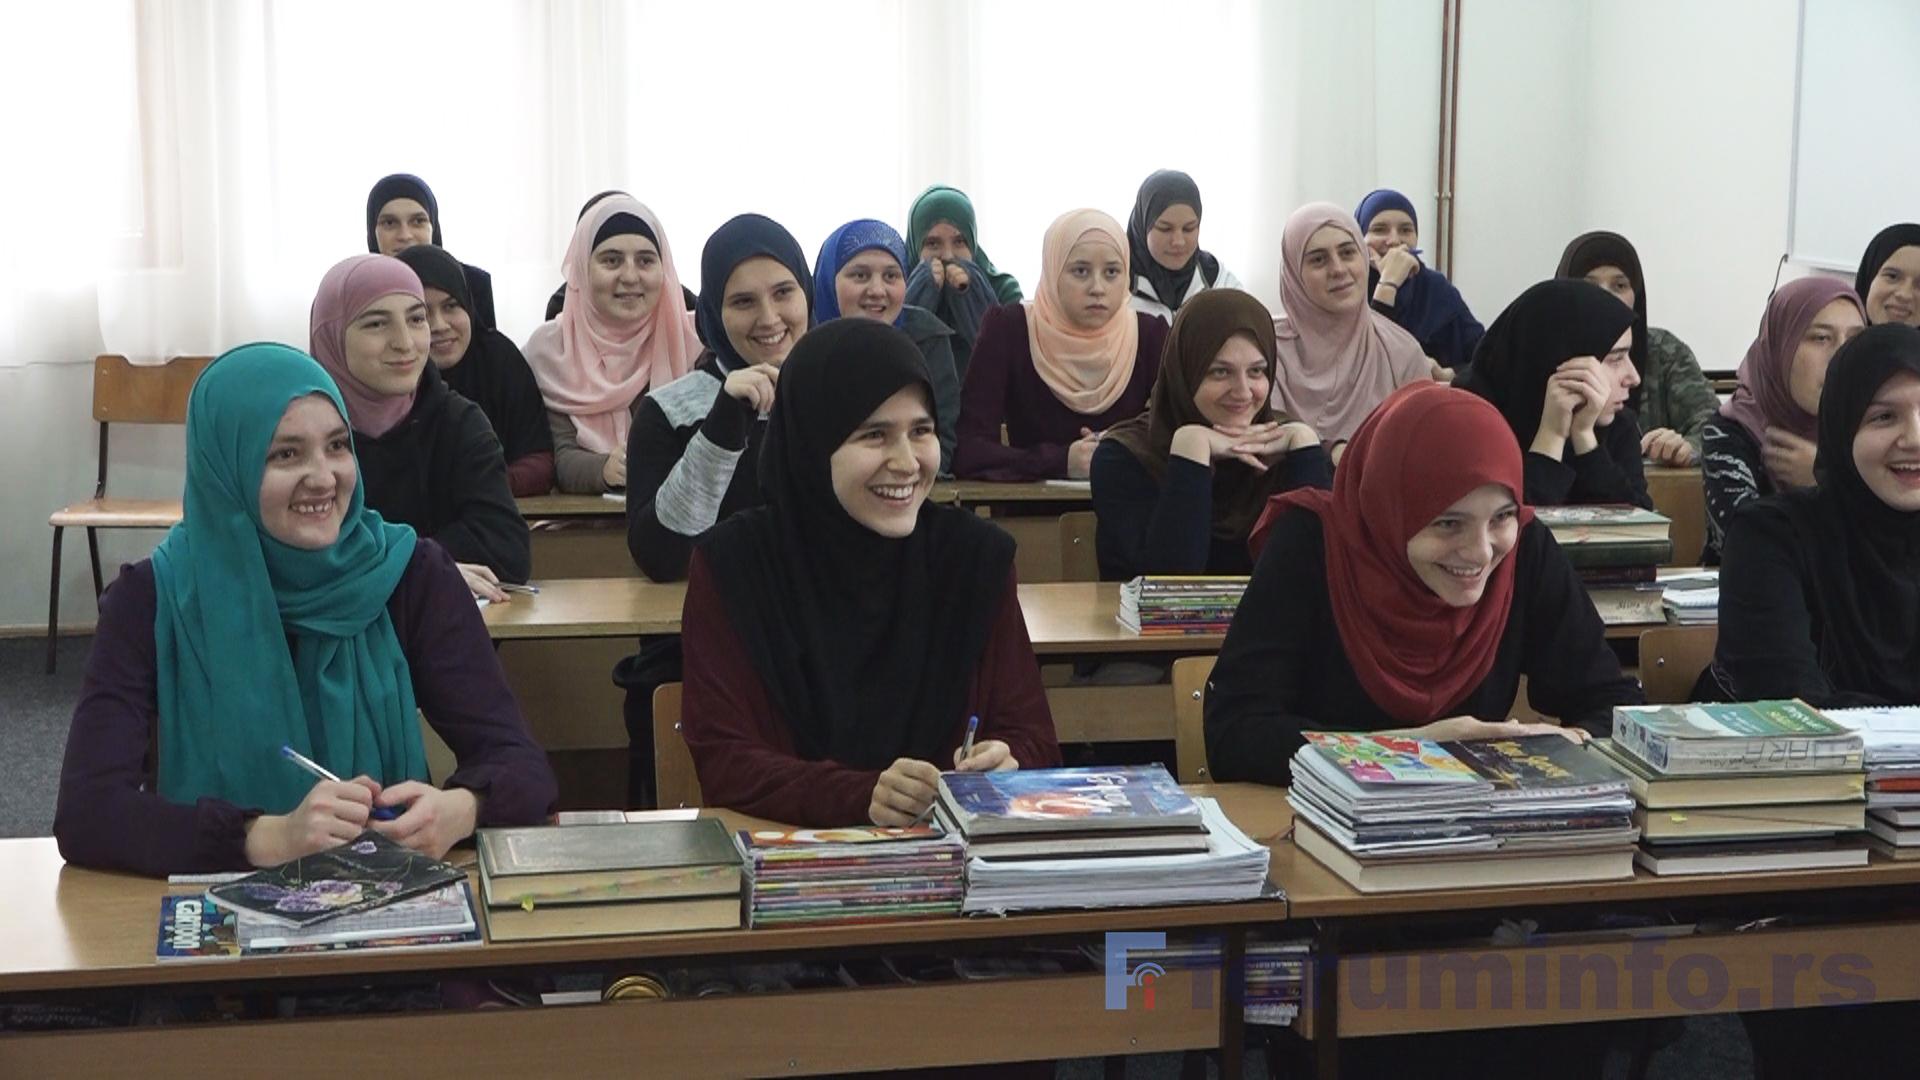 Radionica za učenice Bakije – hanume medrese: Multikulturalnost i interkulturalnost su vrednosti koje moramo negovati